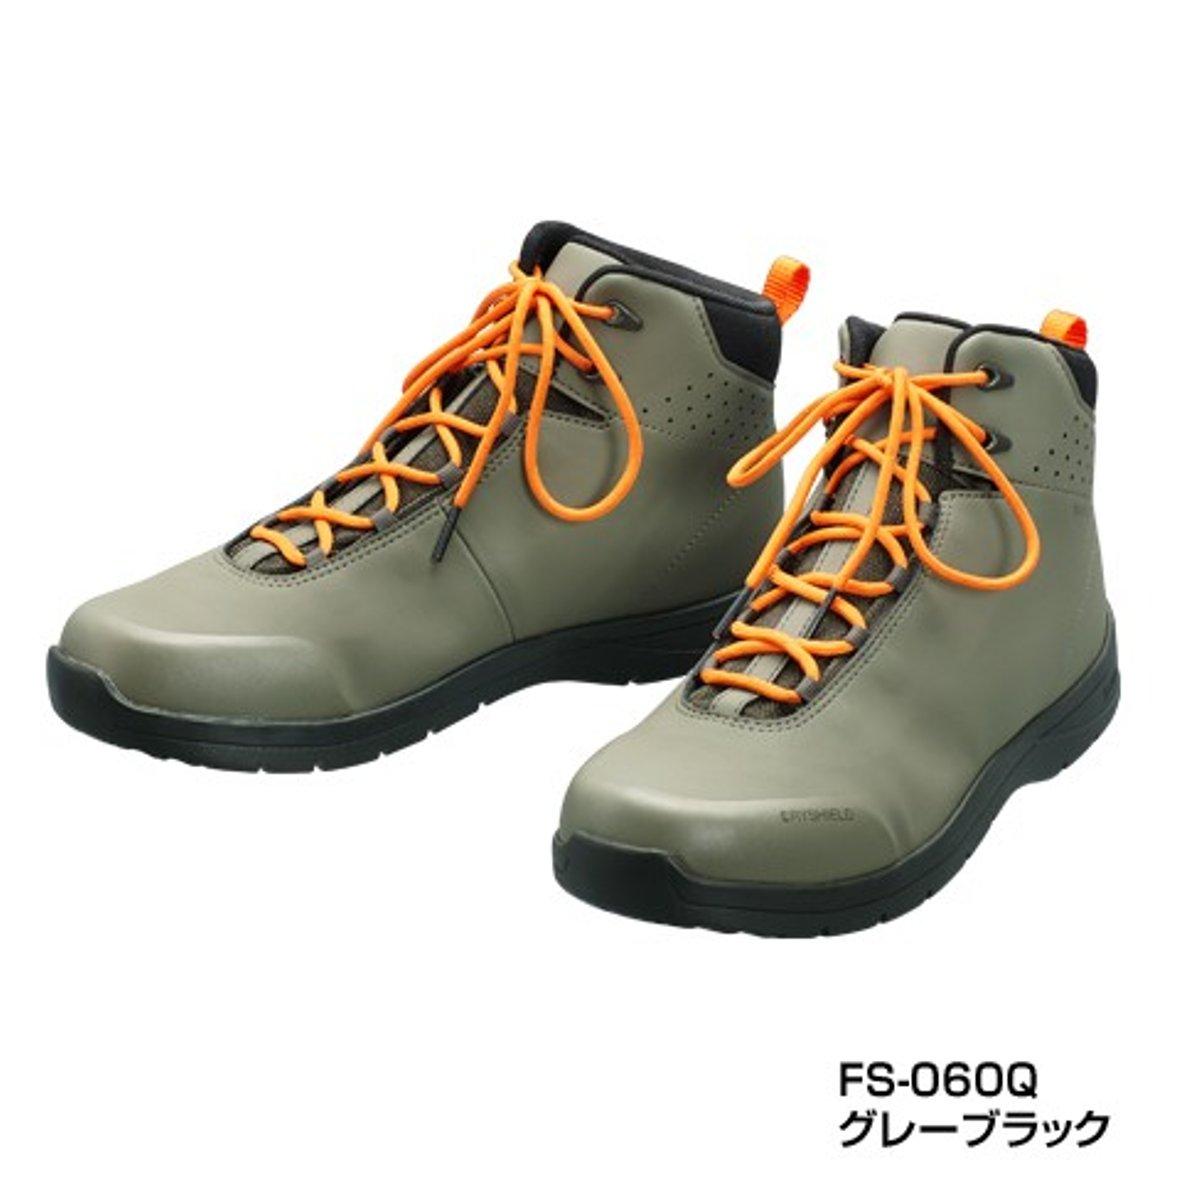 シマノ ドライシールド・ラジアルスパイクシューズ(ハイカットタイプ) FS-060Q 26.0cm グレーブラック(東日本店)